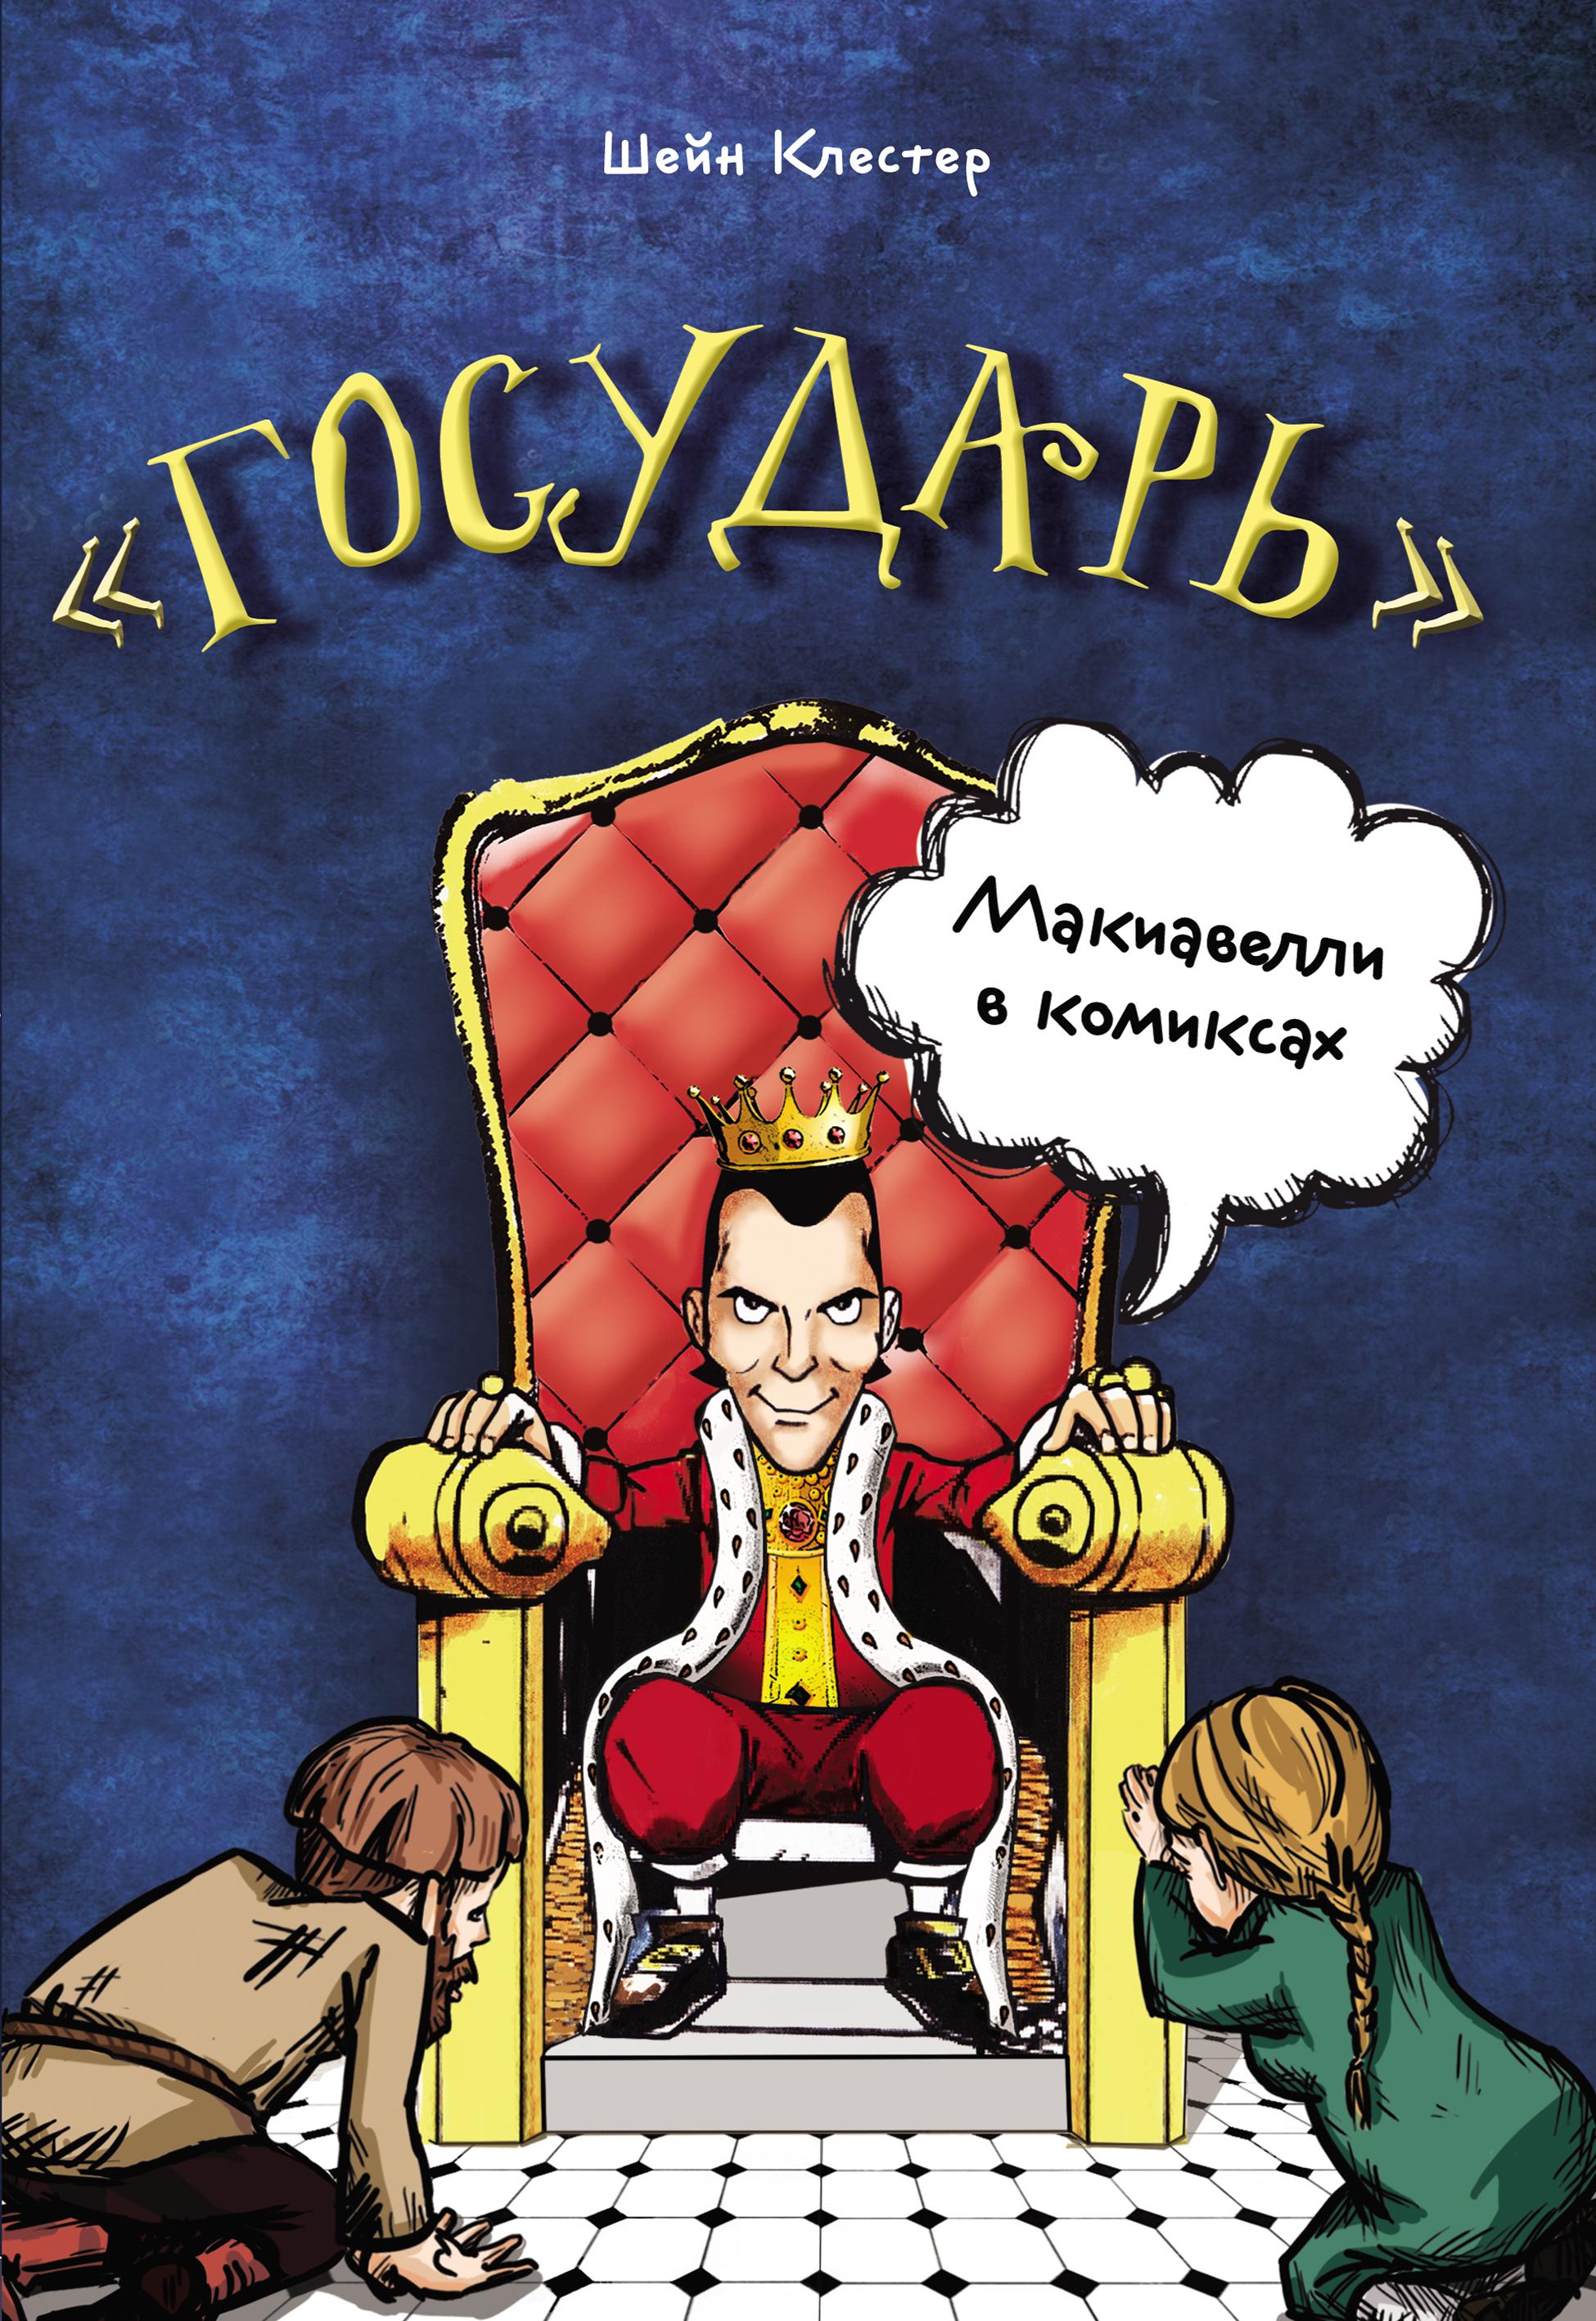 Никколо Макиавелли «Государь» Макиавелли в комиксах недорого